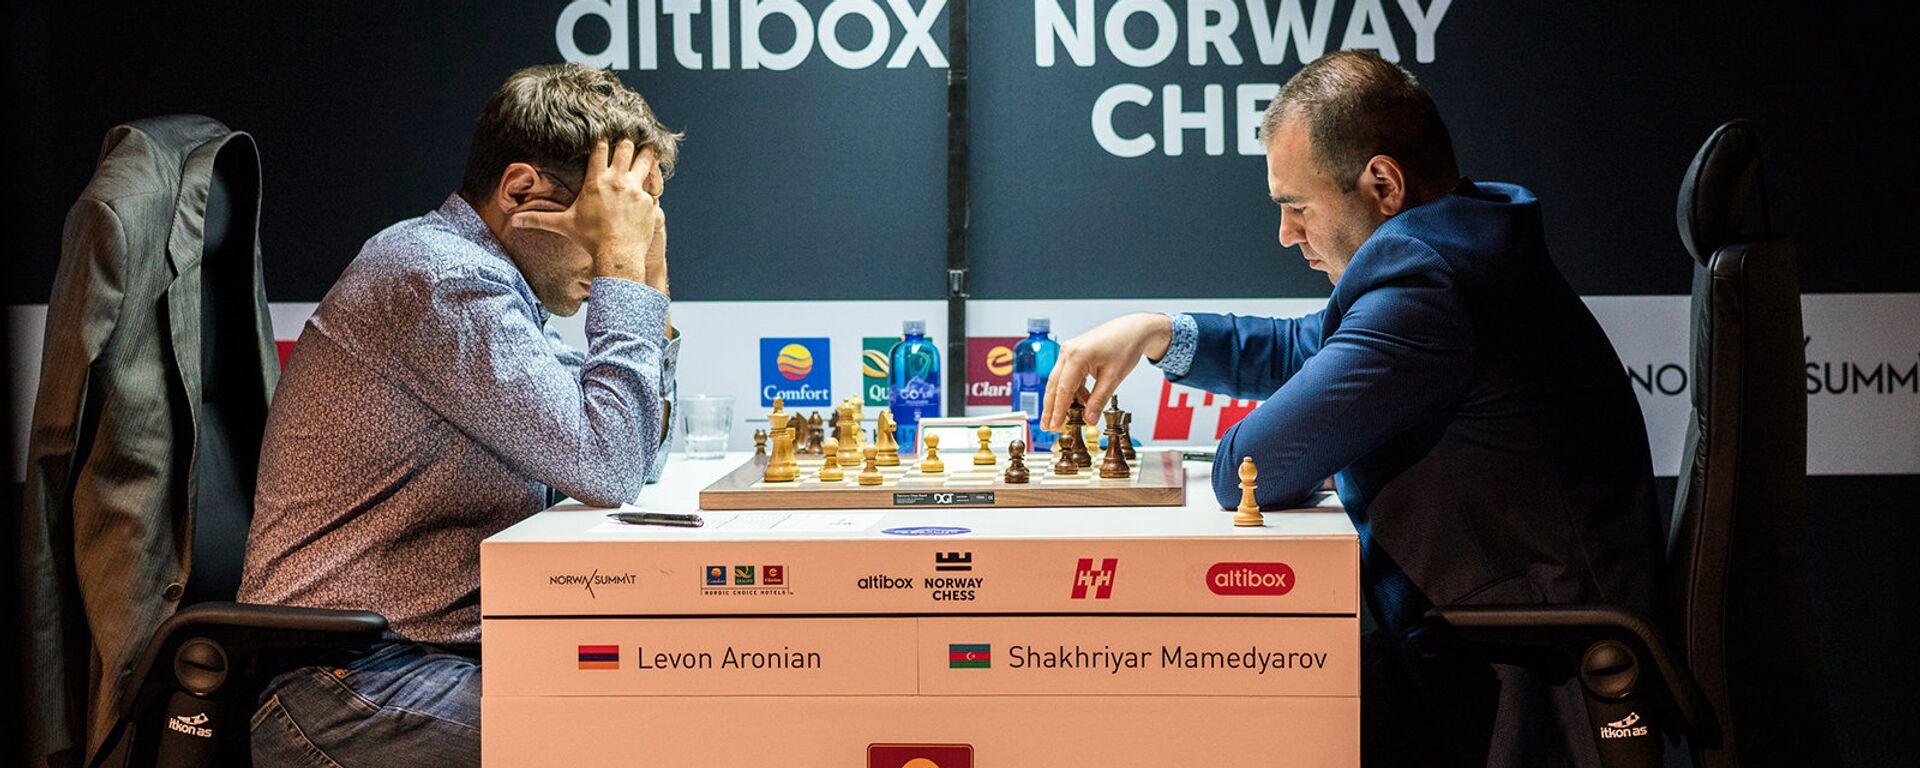 Партия Левон Аронян Шахрияр Мамедъяров в турнире Altibox Norway Chess 2018 (1 июня 2018). Ставангер, Норвегия - Sputnik Армения, 1920, 11.09.2021